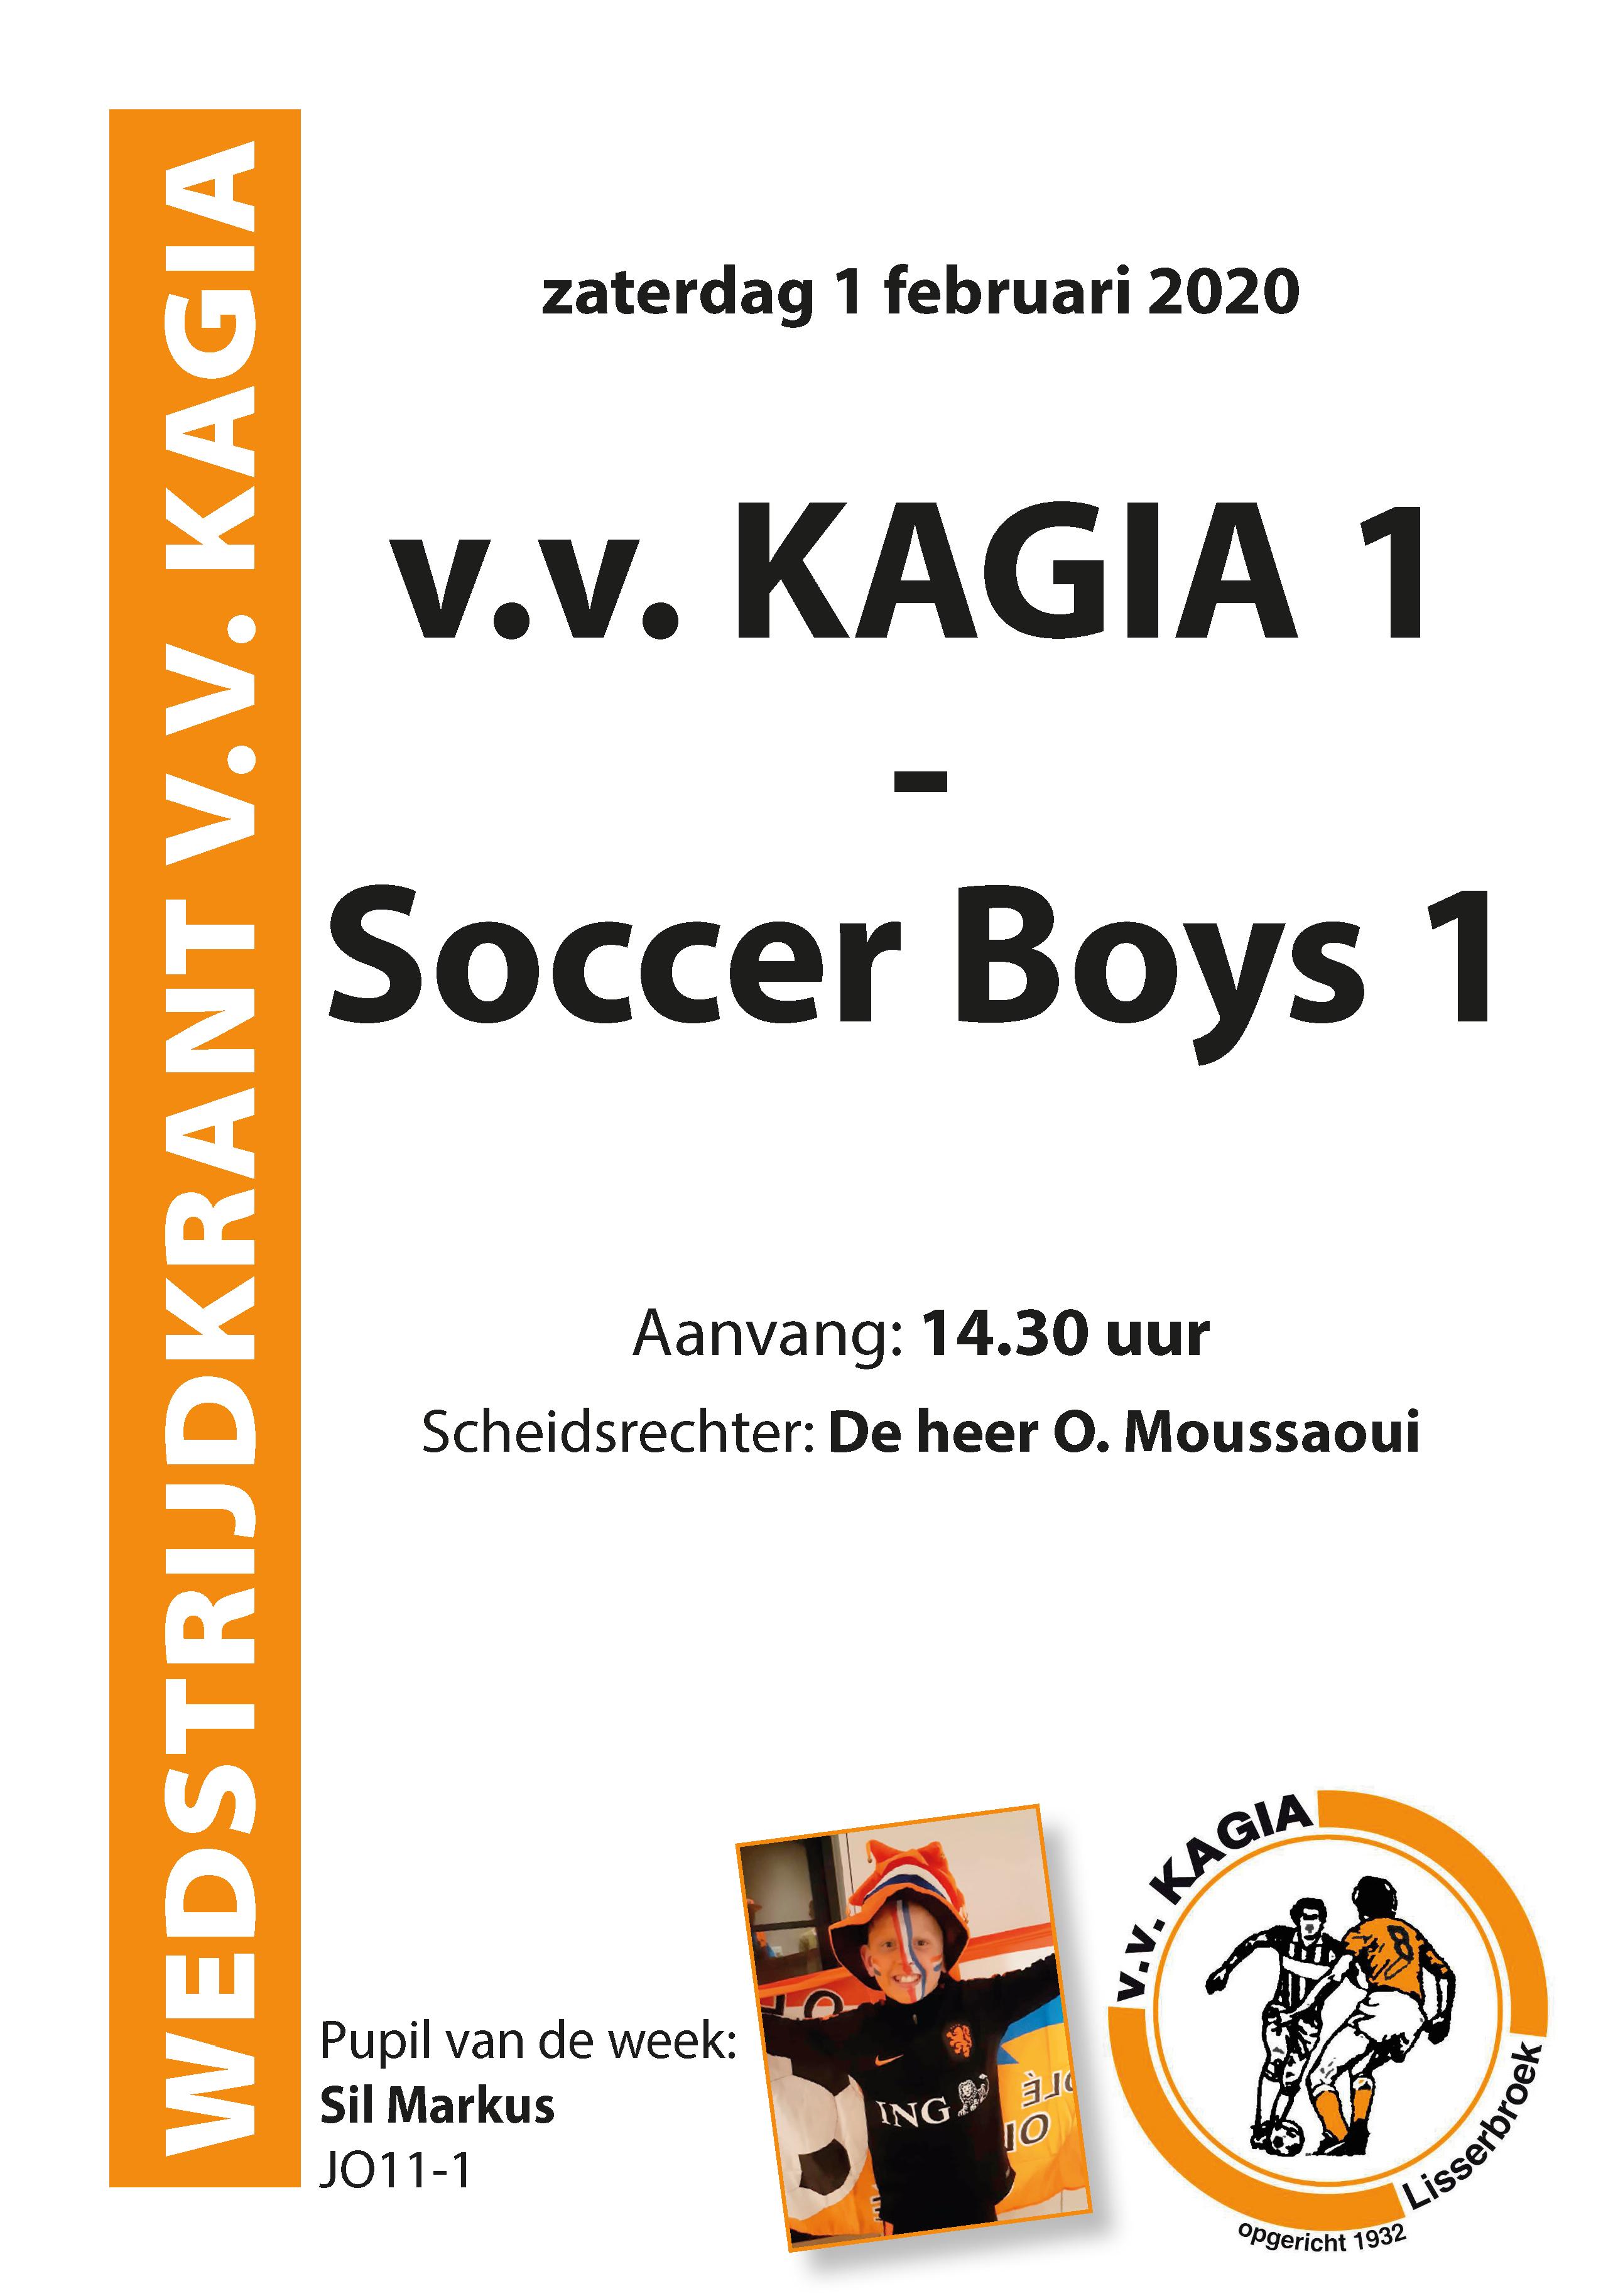 Wedstrijdkrantje | v.v. Kagia 1 – Soccer Boys 1